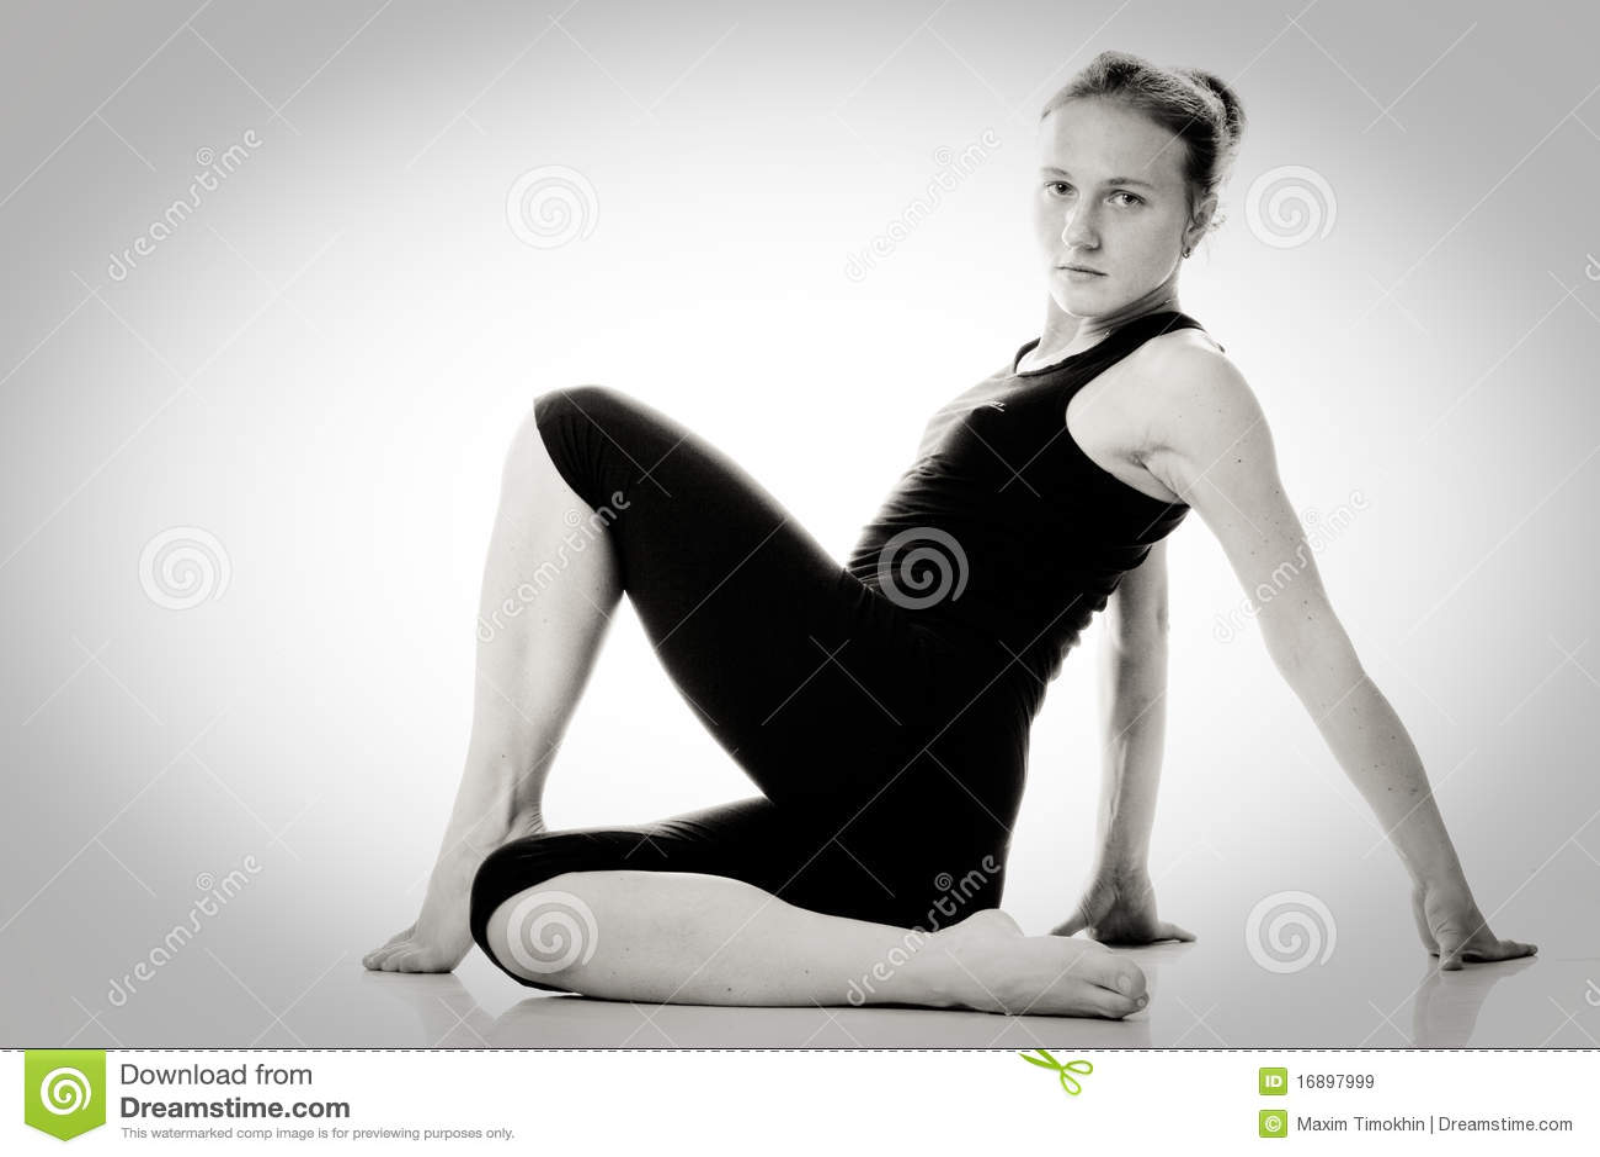 女孩体操运动员图片